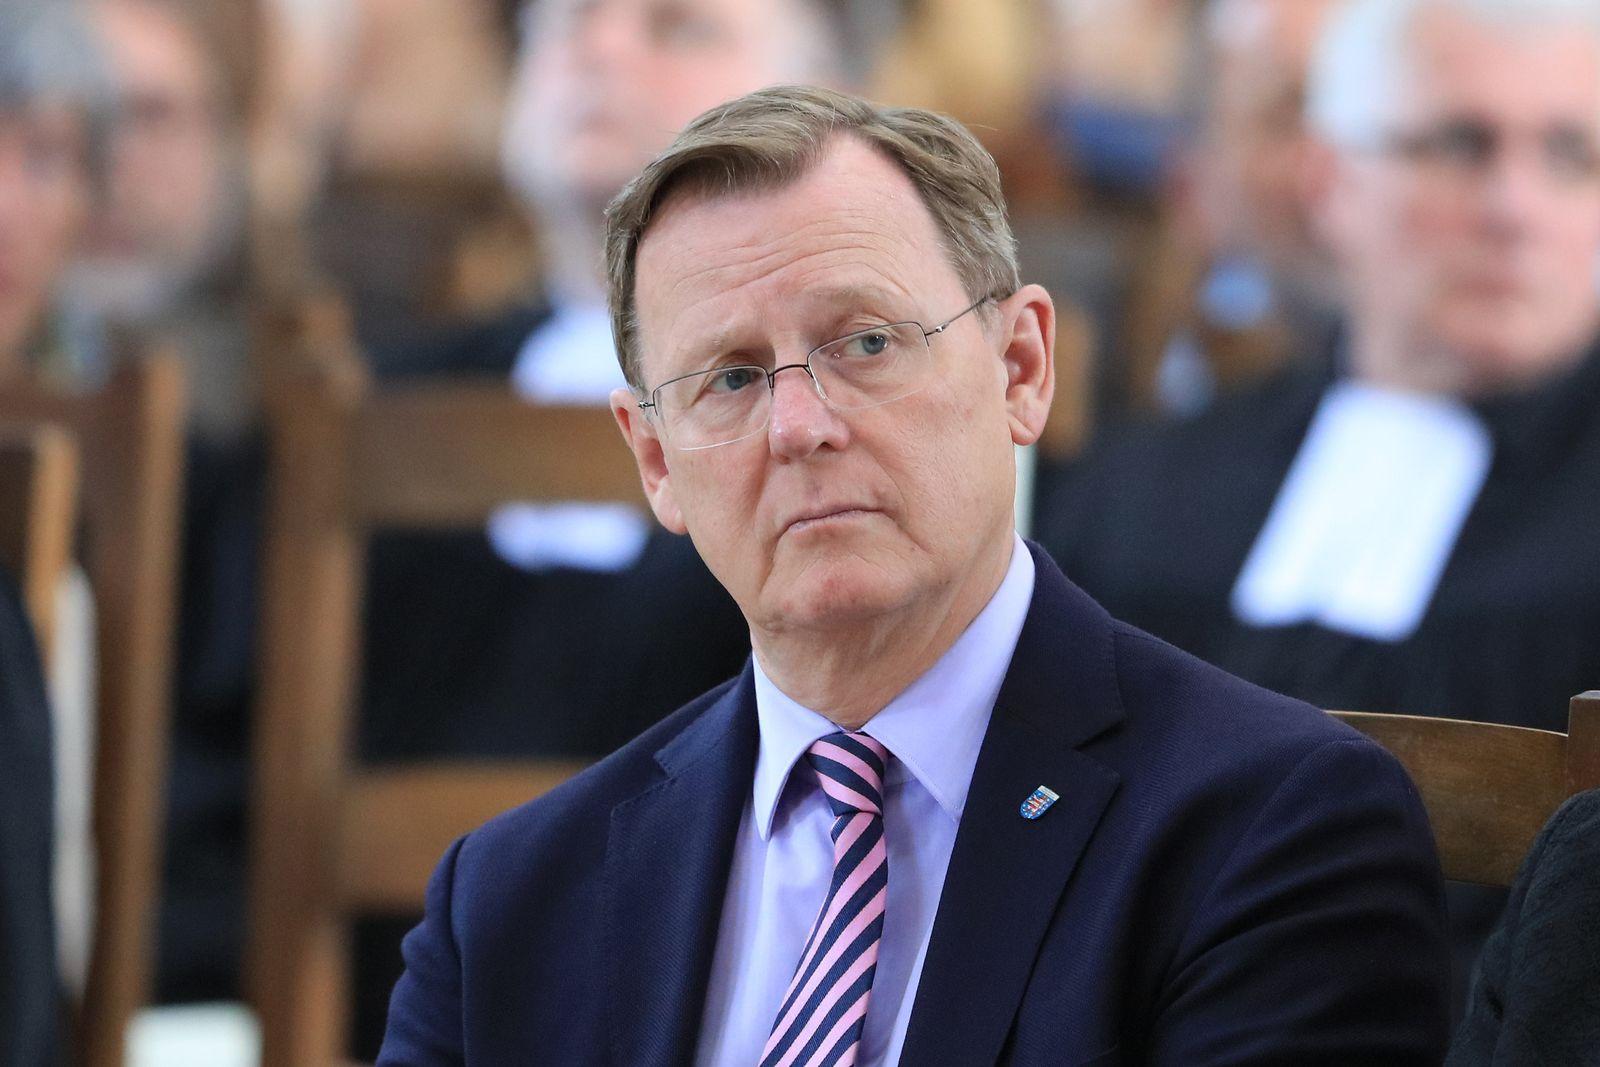 Festgottesdienst zur Entpflichtung von Landesbischöfin Junkermann